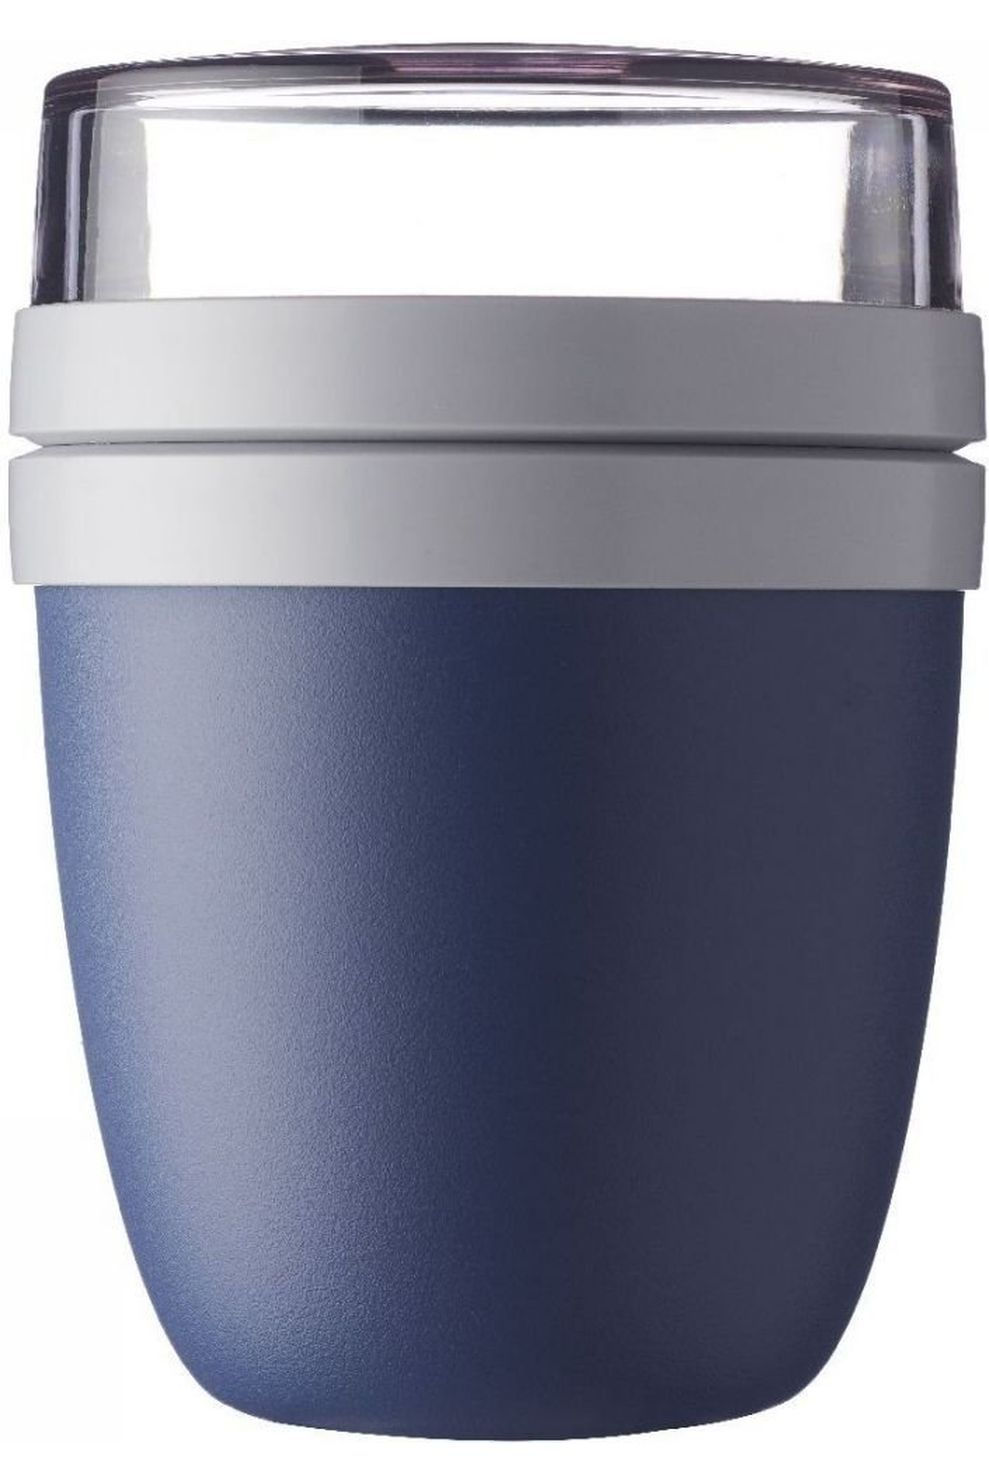 Mepal Voorraadpot Lunchpot Ellipse - Blauw